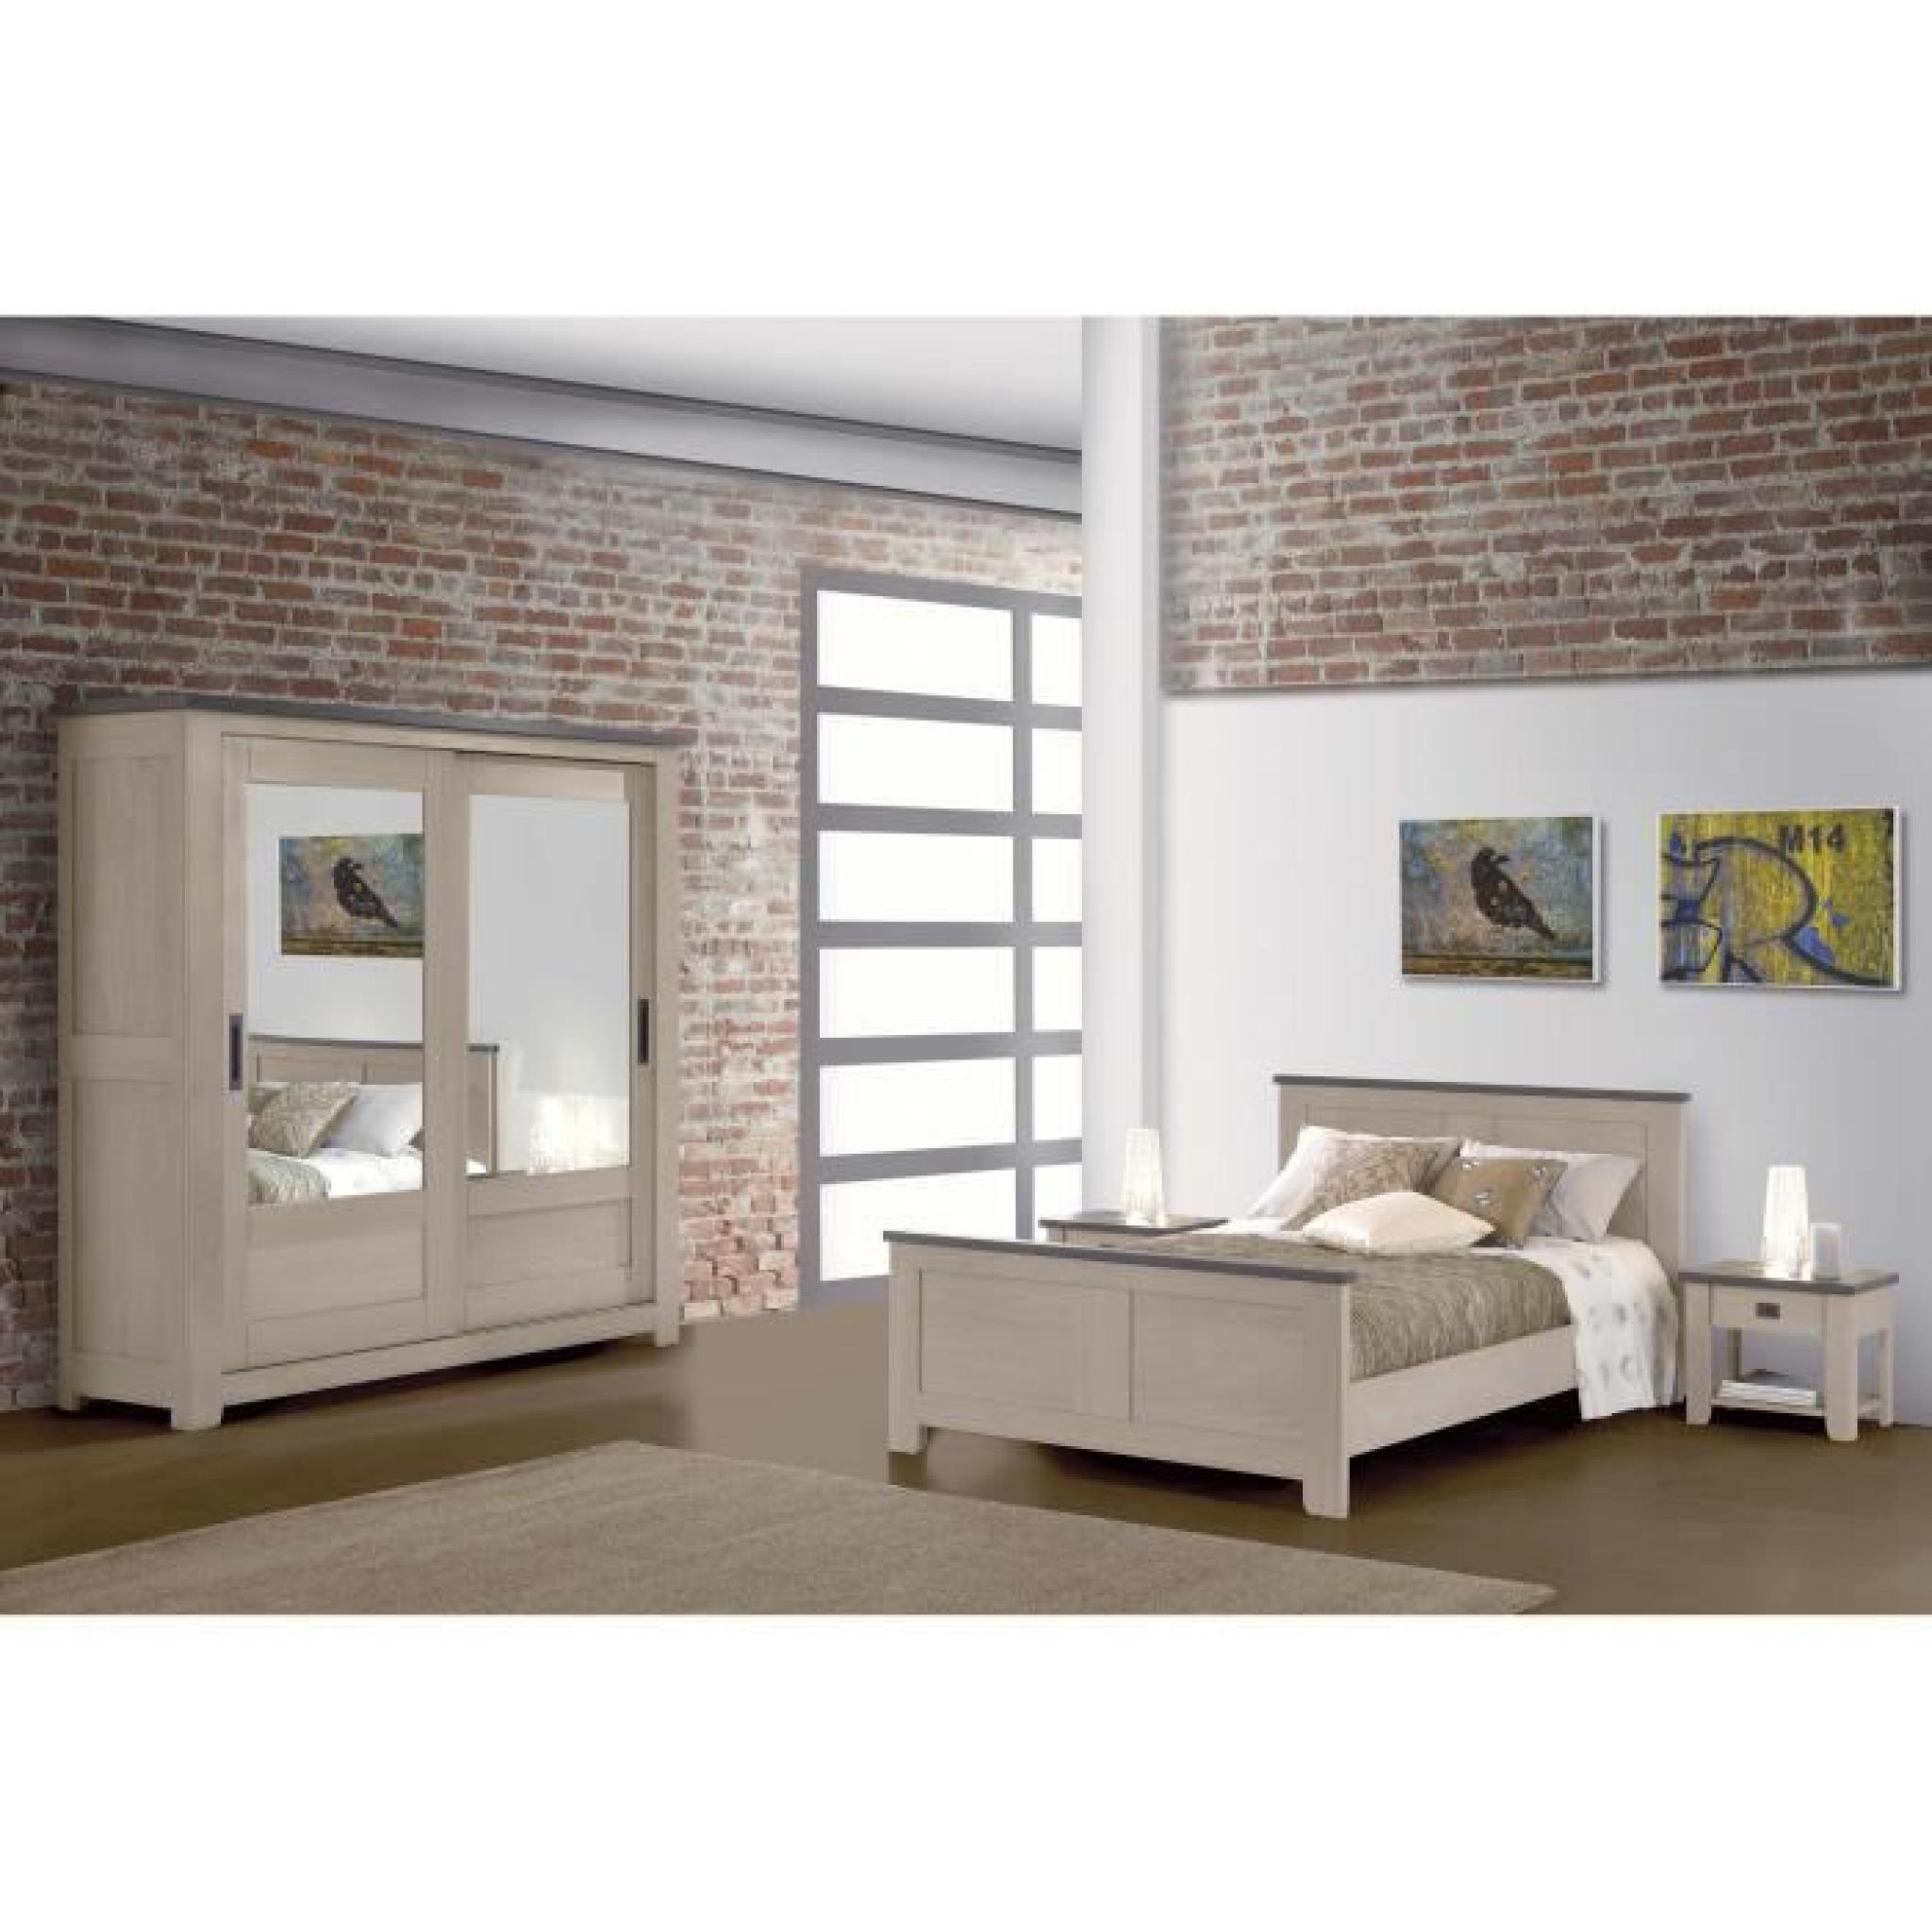 chevet houston 1tiroir 1niche achat vente table de chevet pas cher couleur et. Black Bedroom Furniture Sets. Home Design Ideas